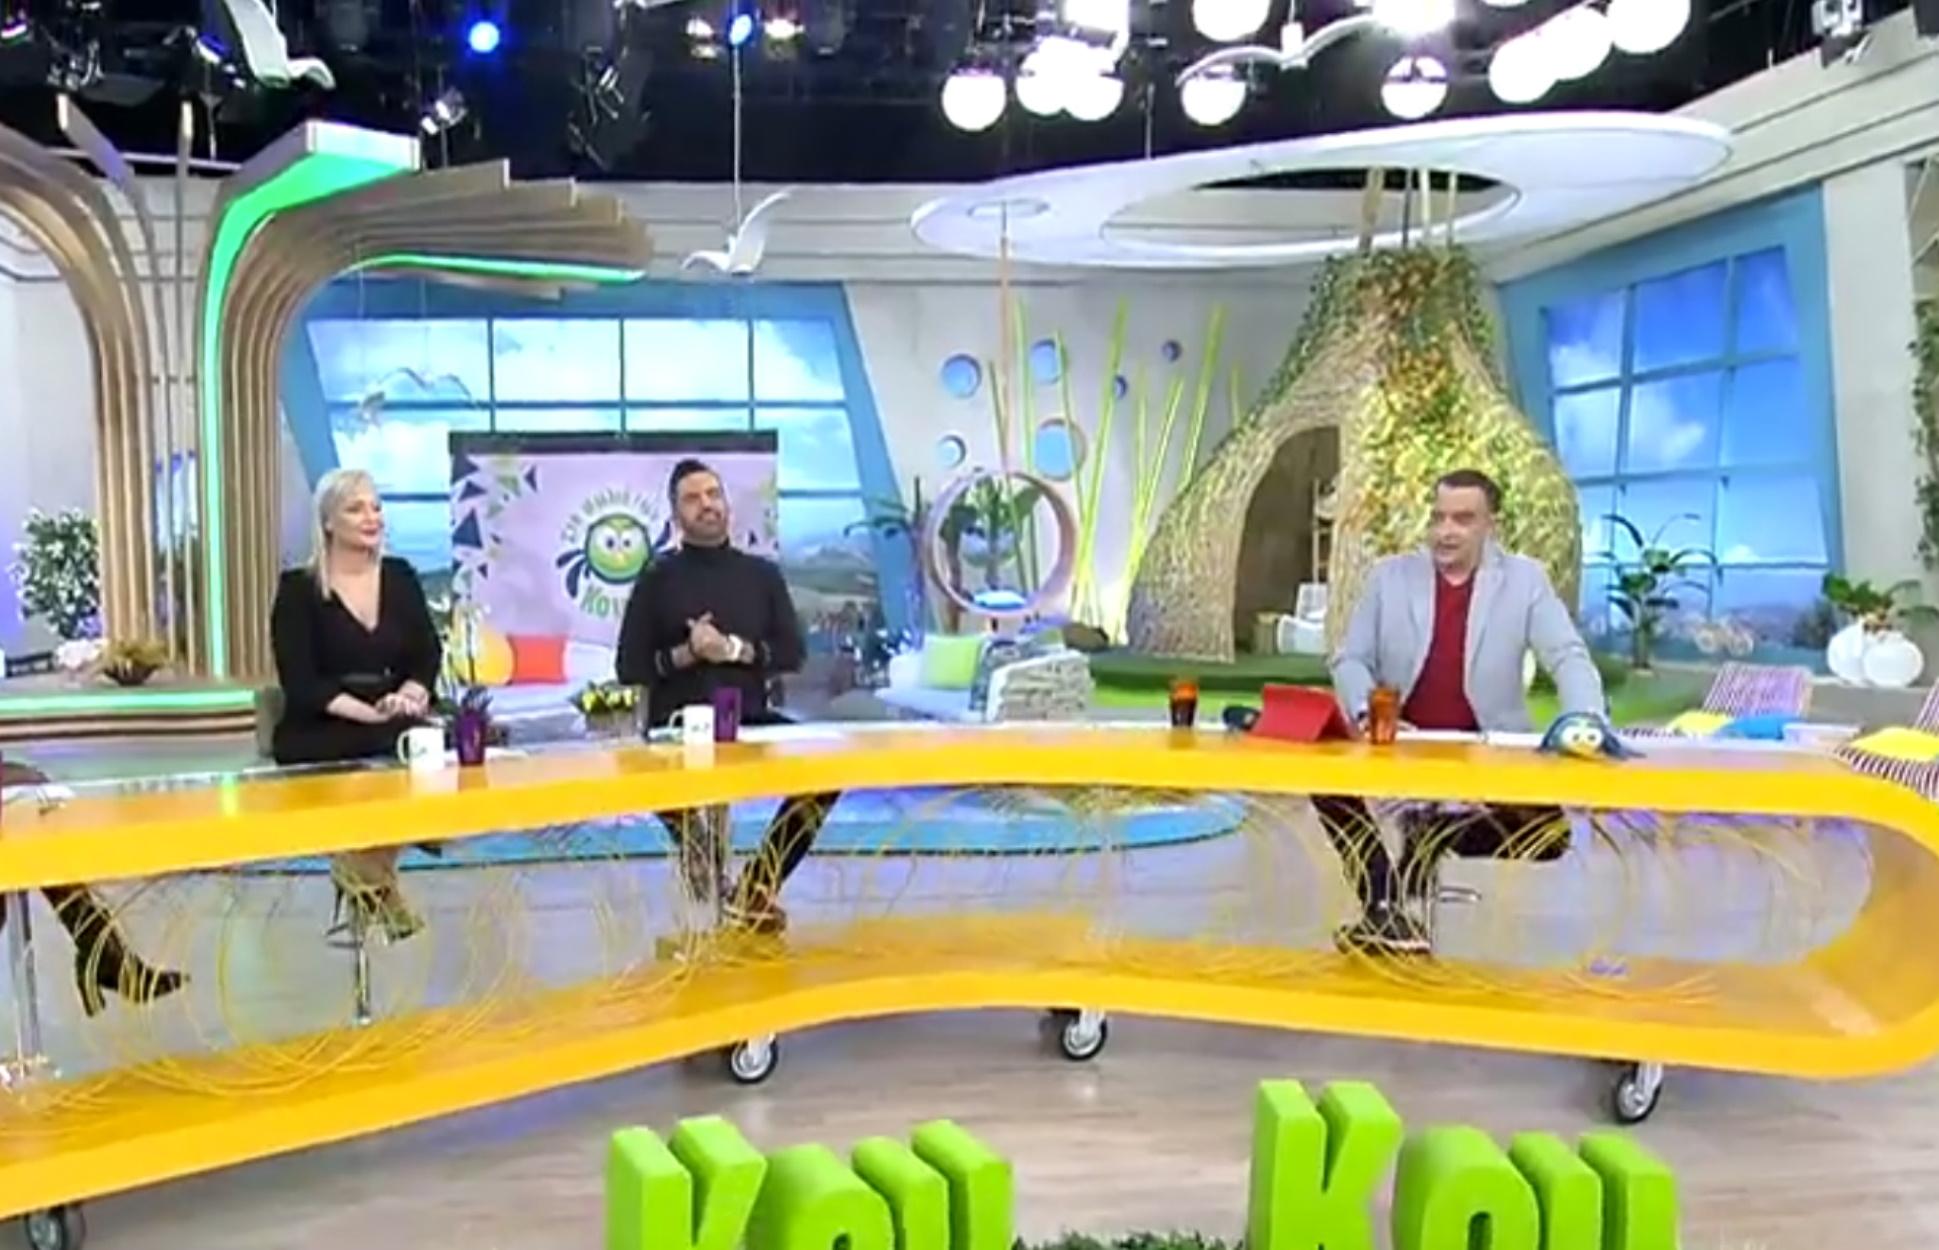 Κατερίνα Καραβάτου: Πως εμφανίστηκε στην αρχή της εκπομπής – «Κάποια στιγμή θα επιστρέψει»